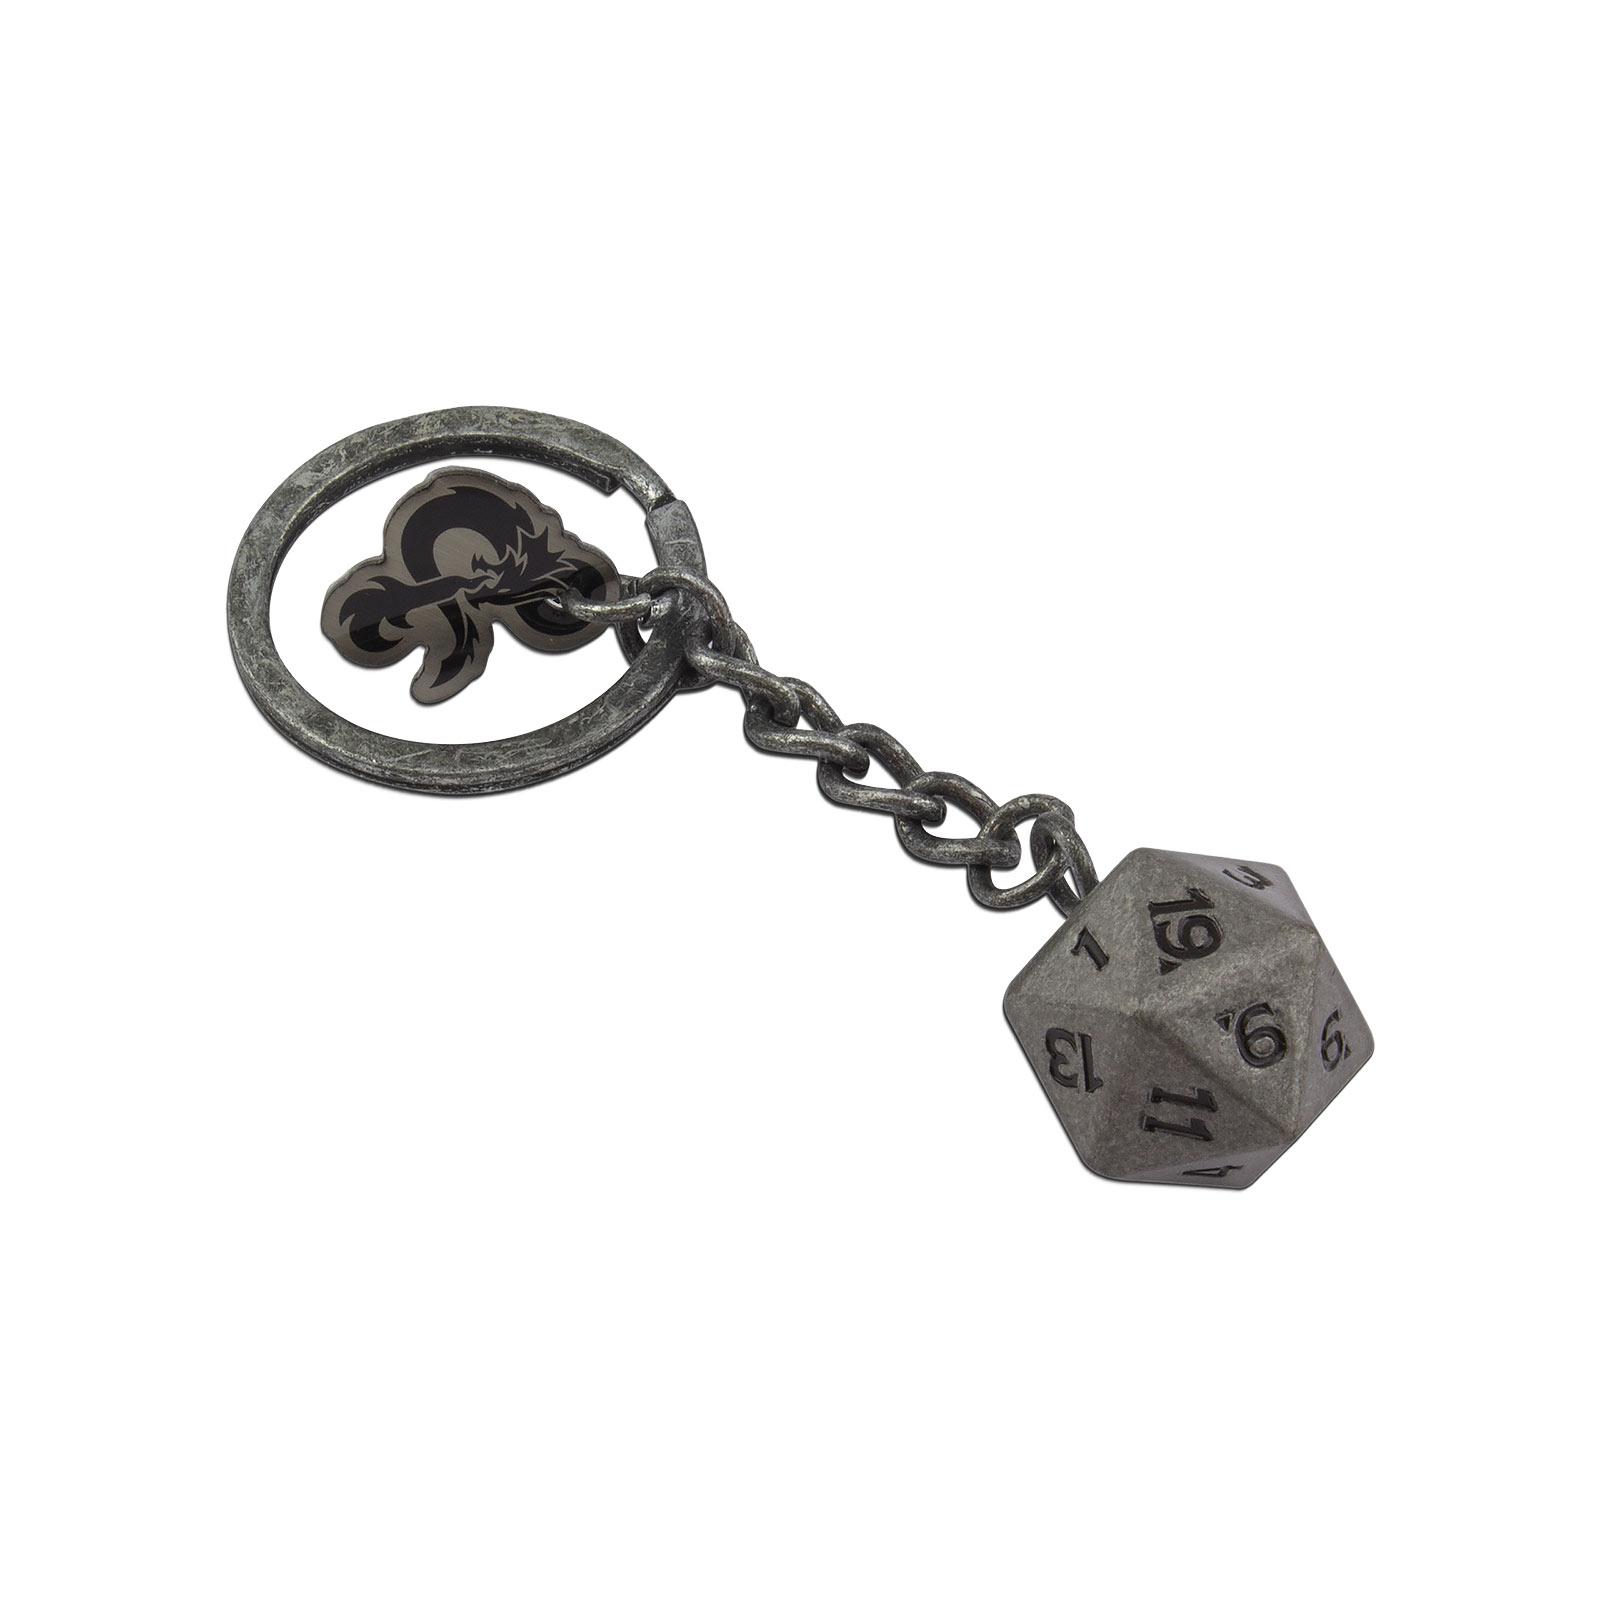 Dungeons & Dragons - D20 Würfel Schlüsselanhänger